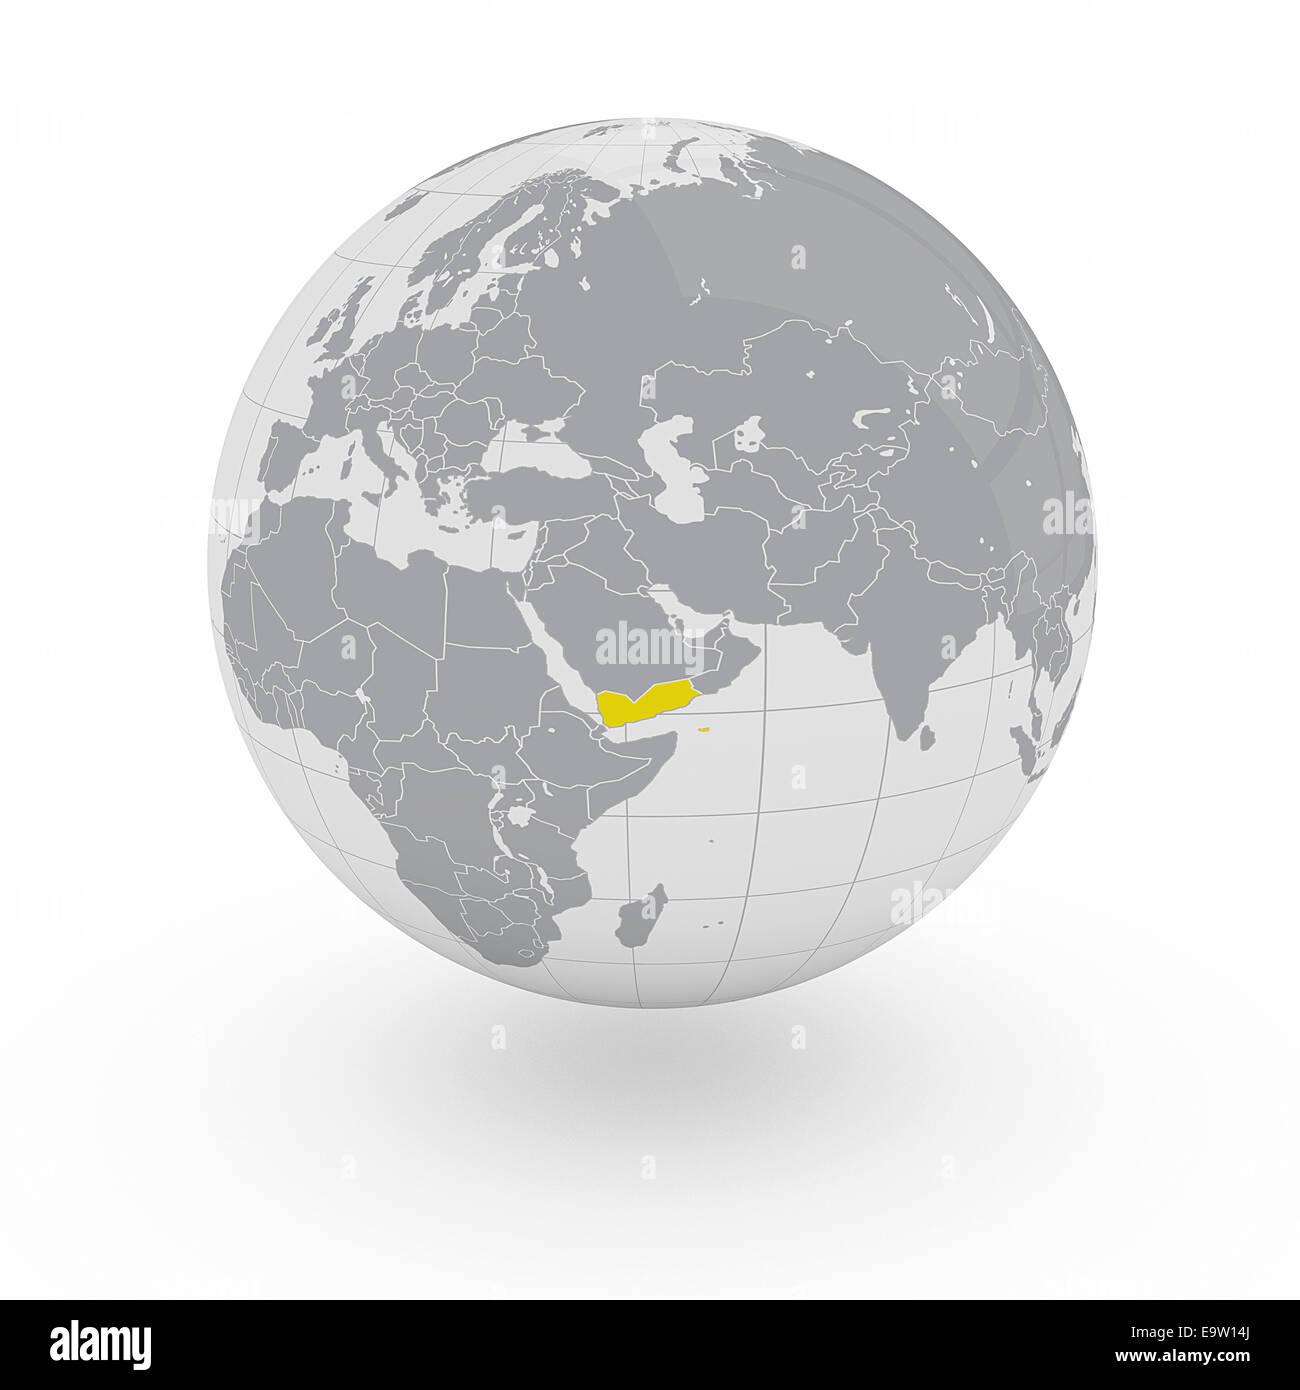 Yemen on globe isolated on white background - Stock Image